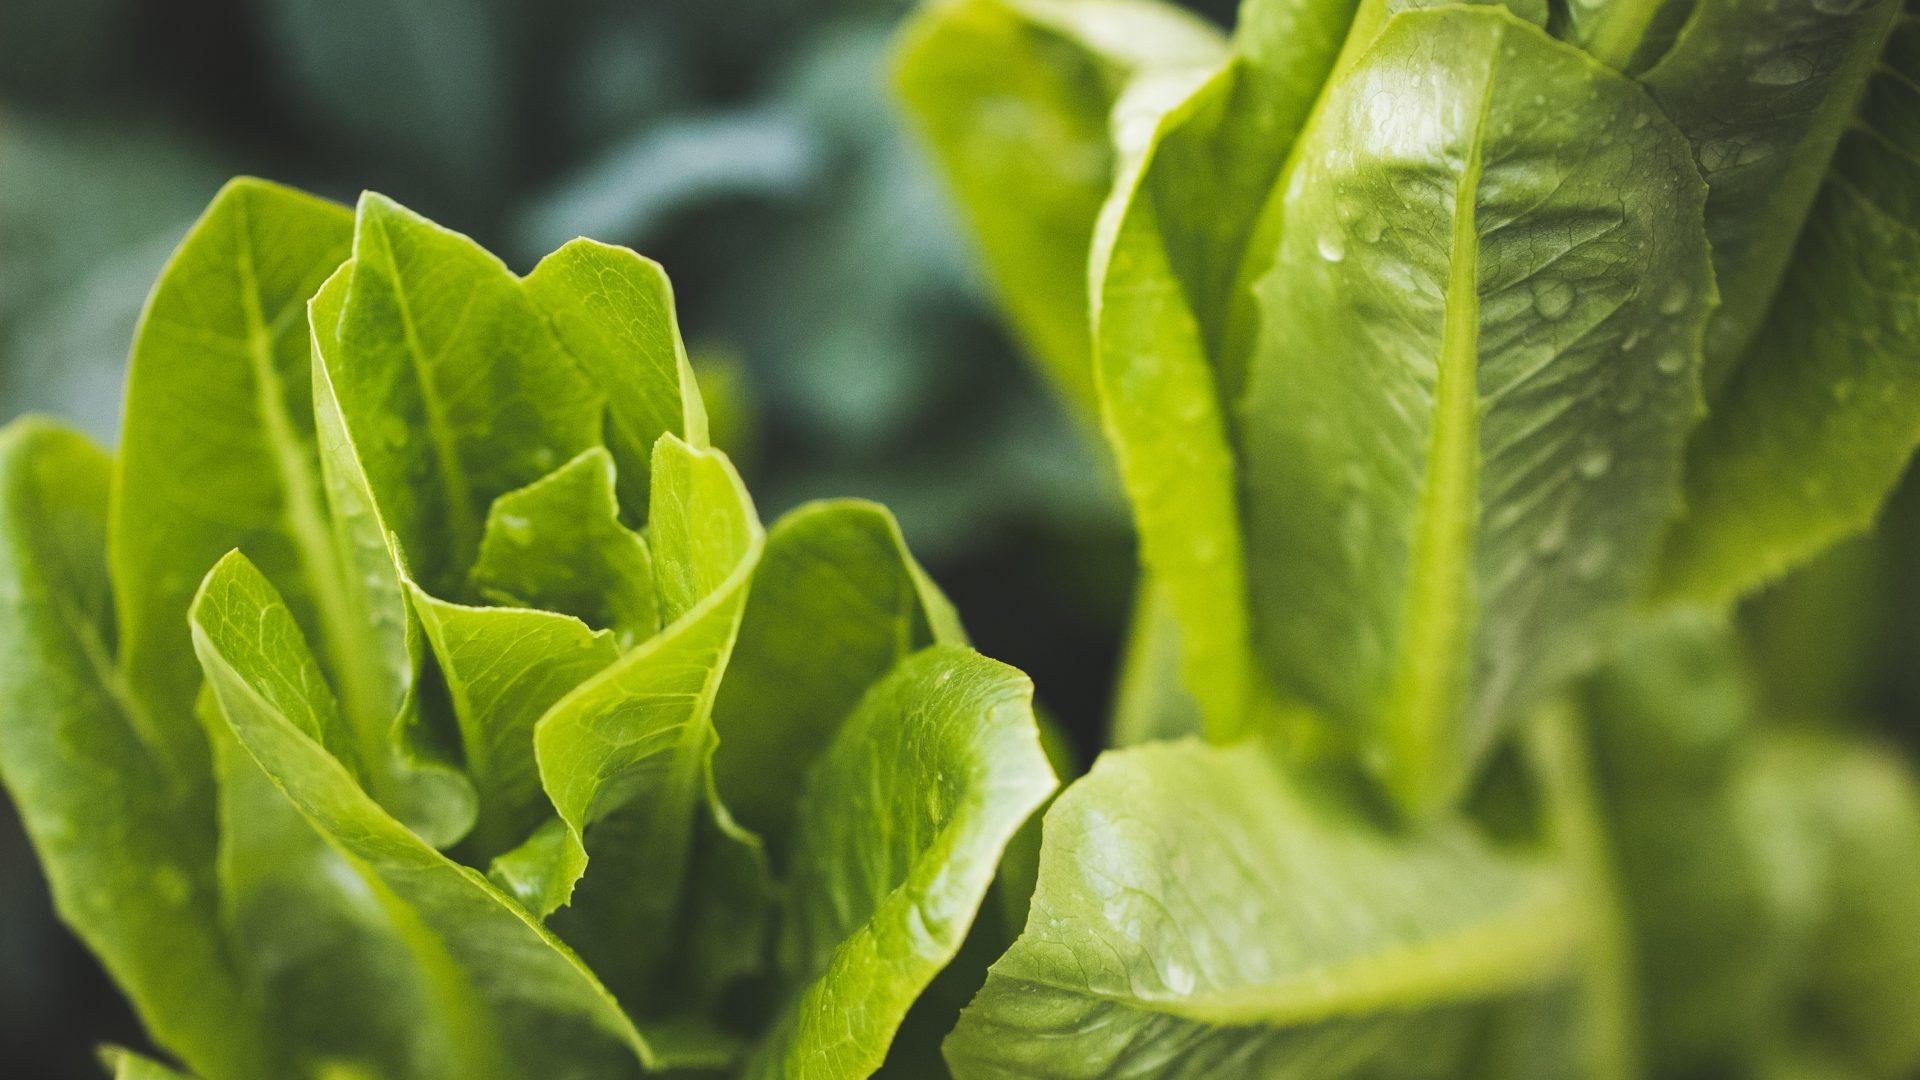 Agricultura sostenible: Prevención de problemas fúngicos de la lechuga y brócoli